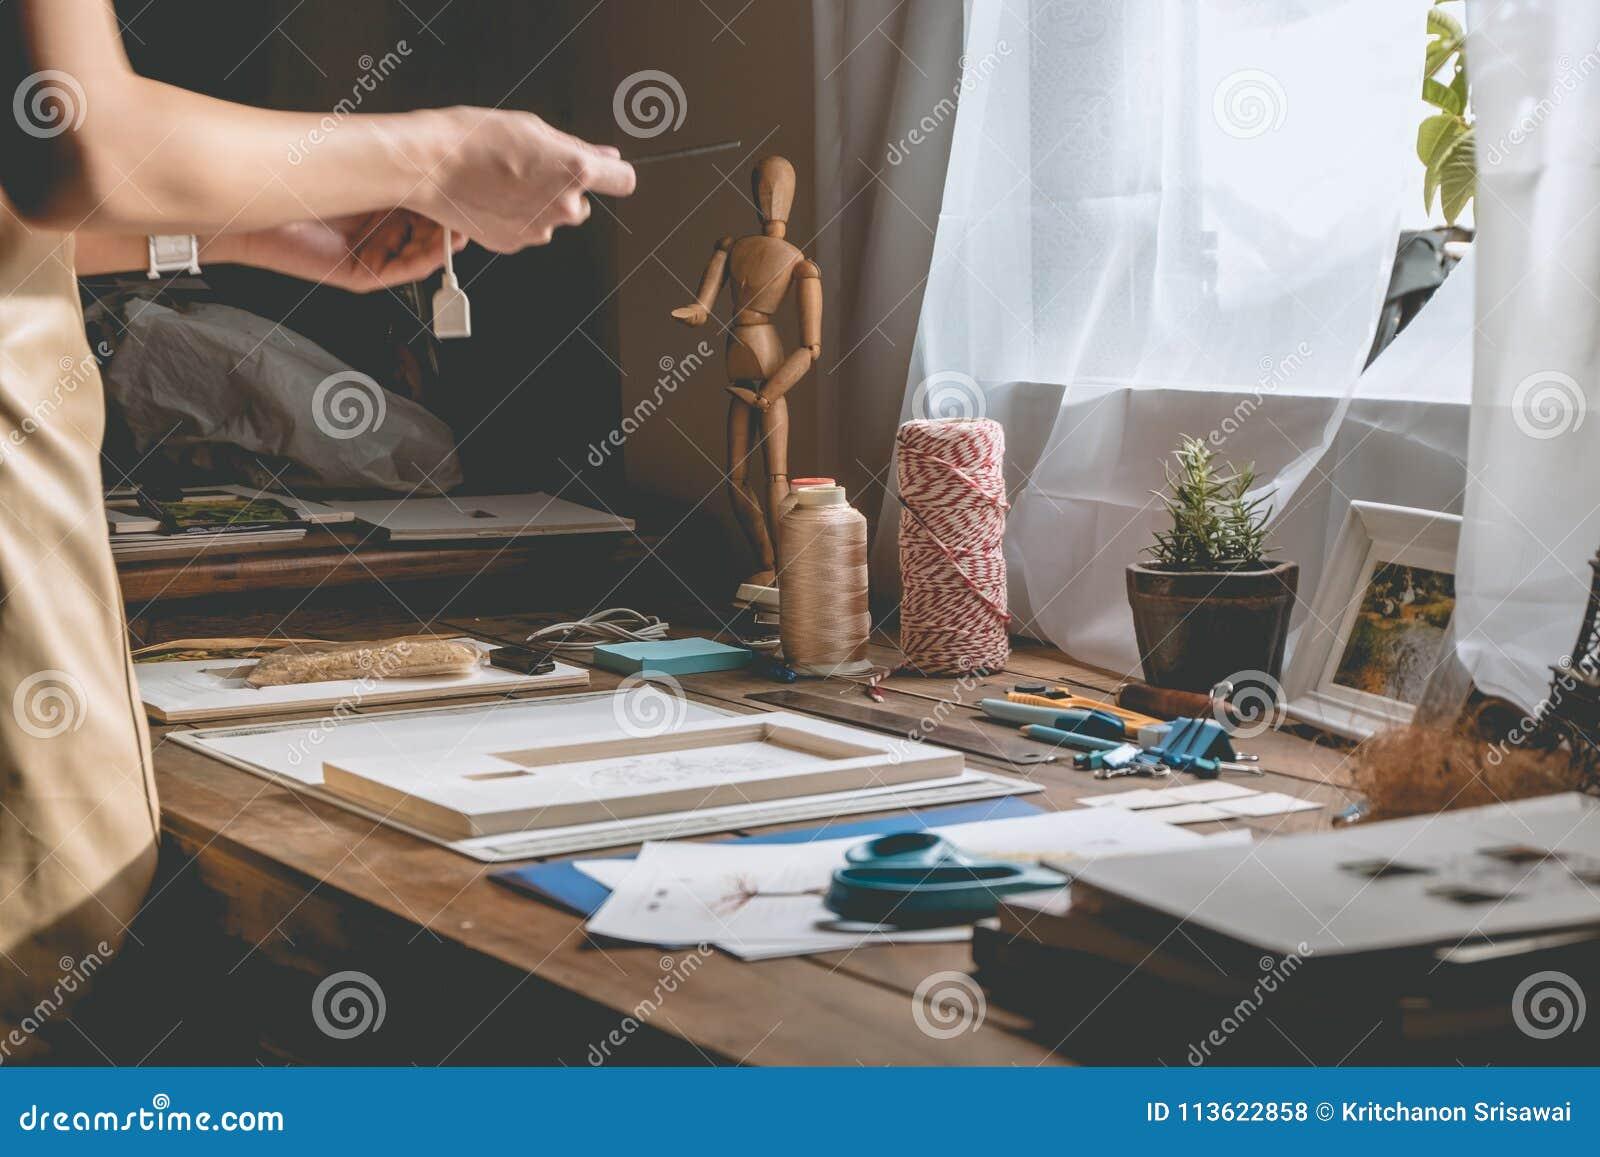 Bella mano della donna che elabora libro al ripiano del tavolo con cancelleria